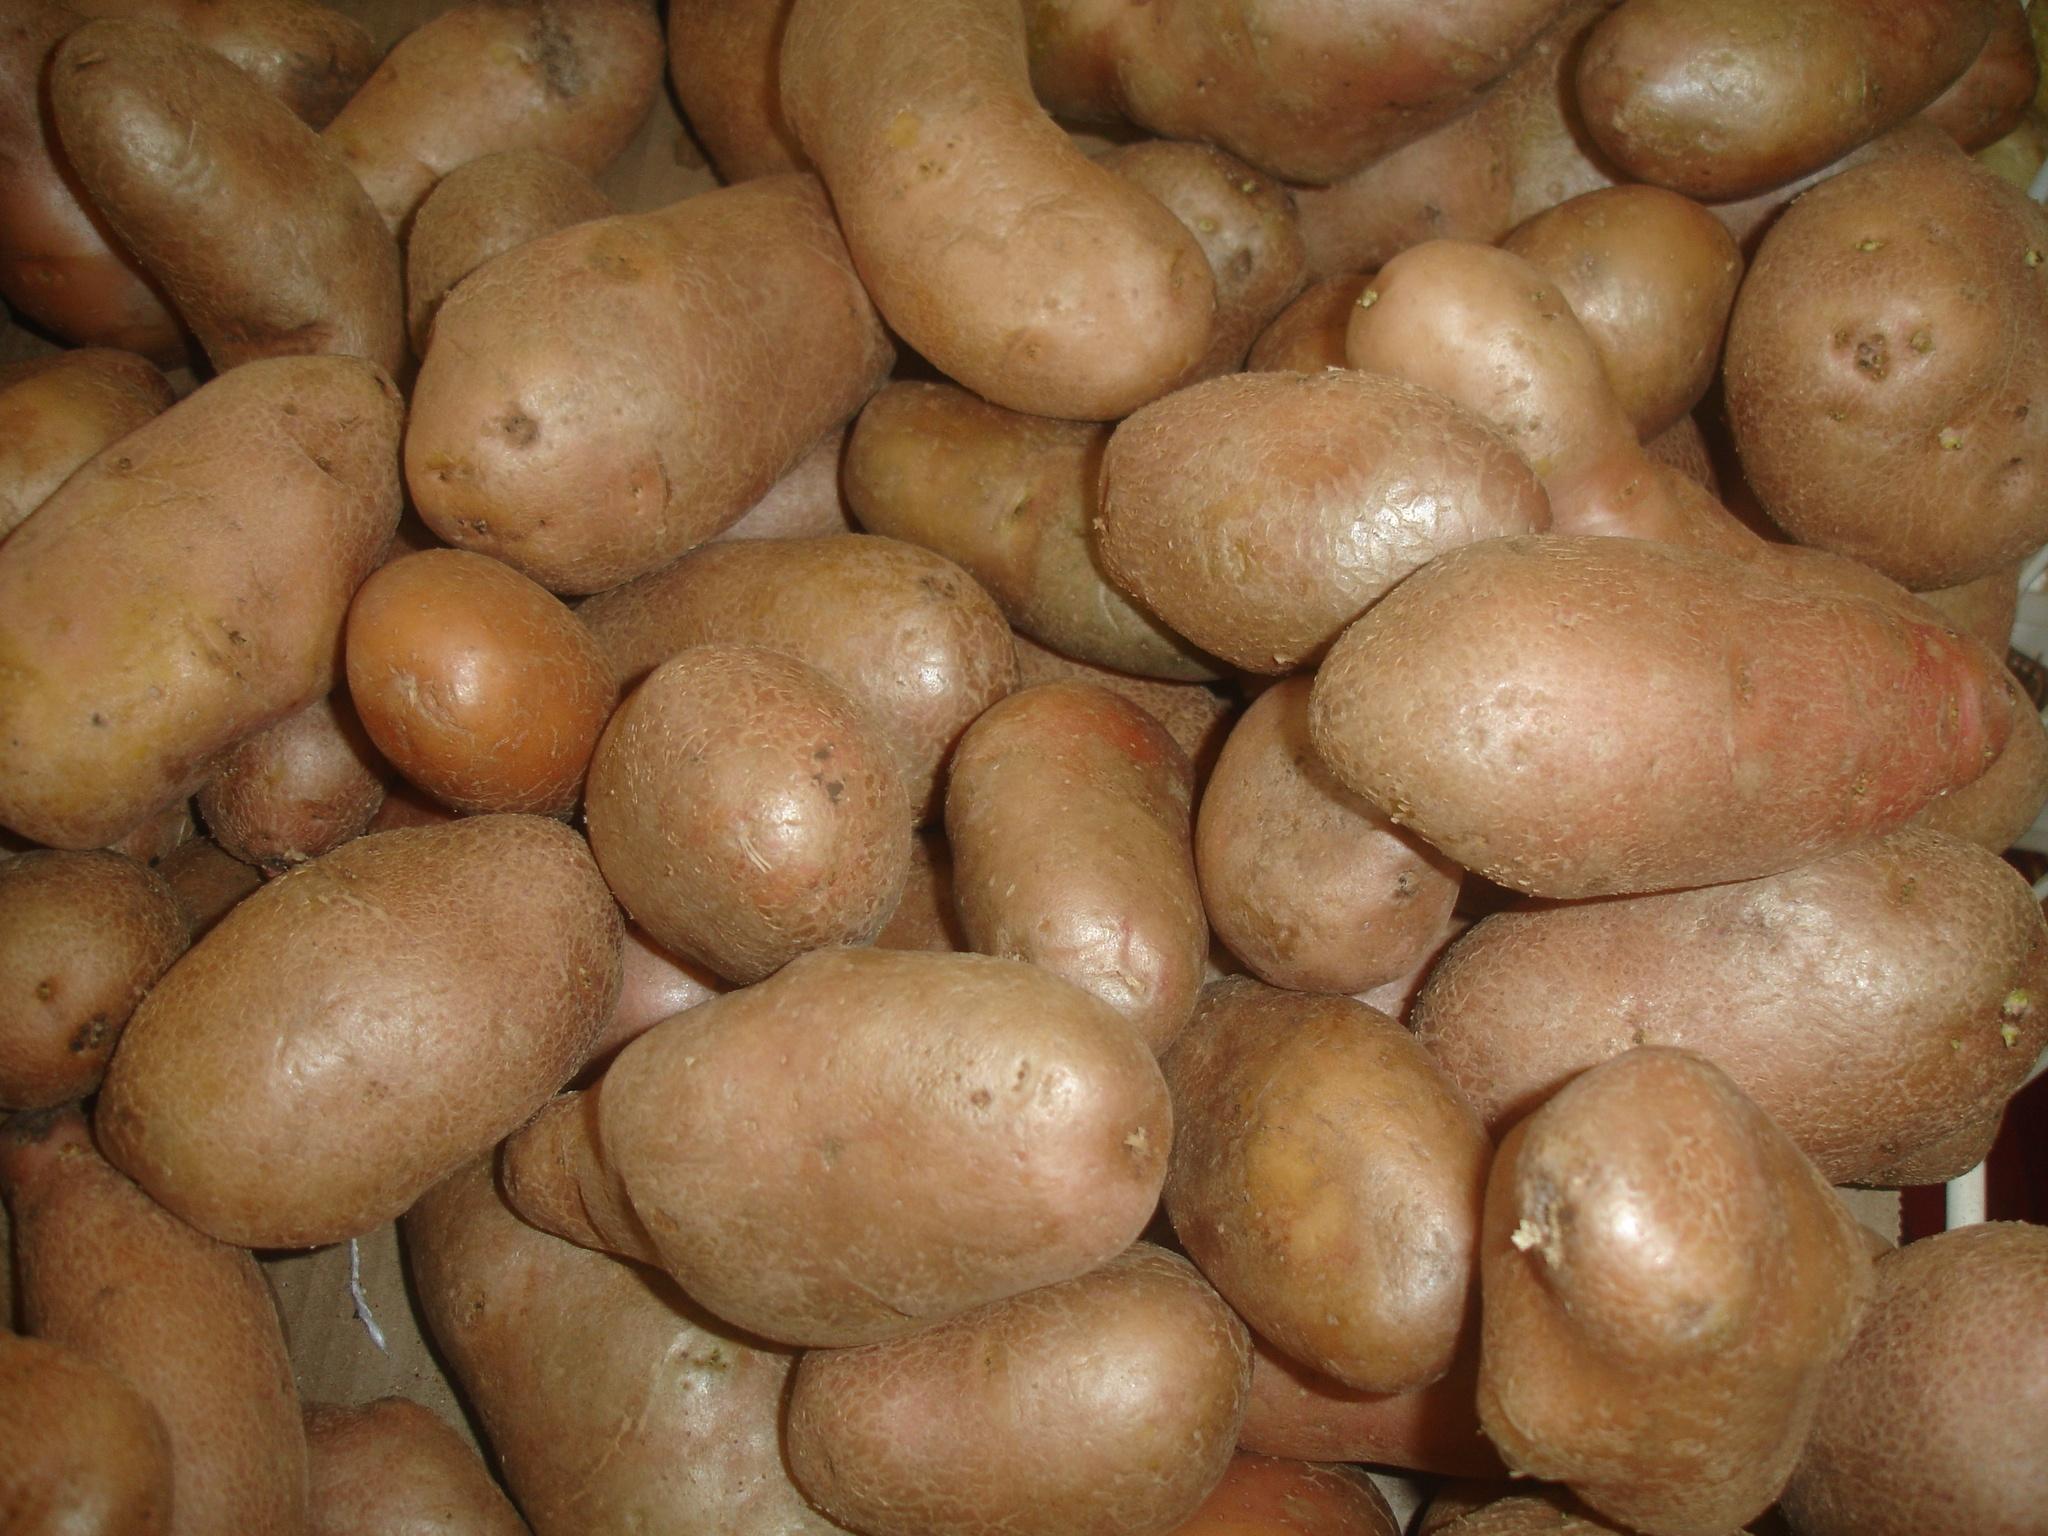 hur mycket väger en potatis